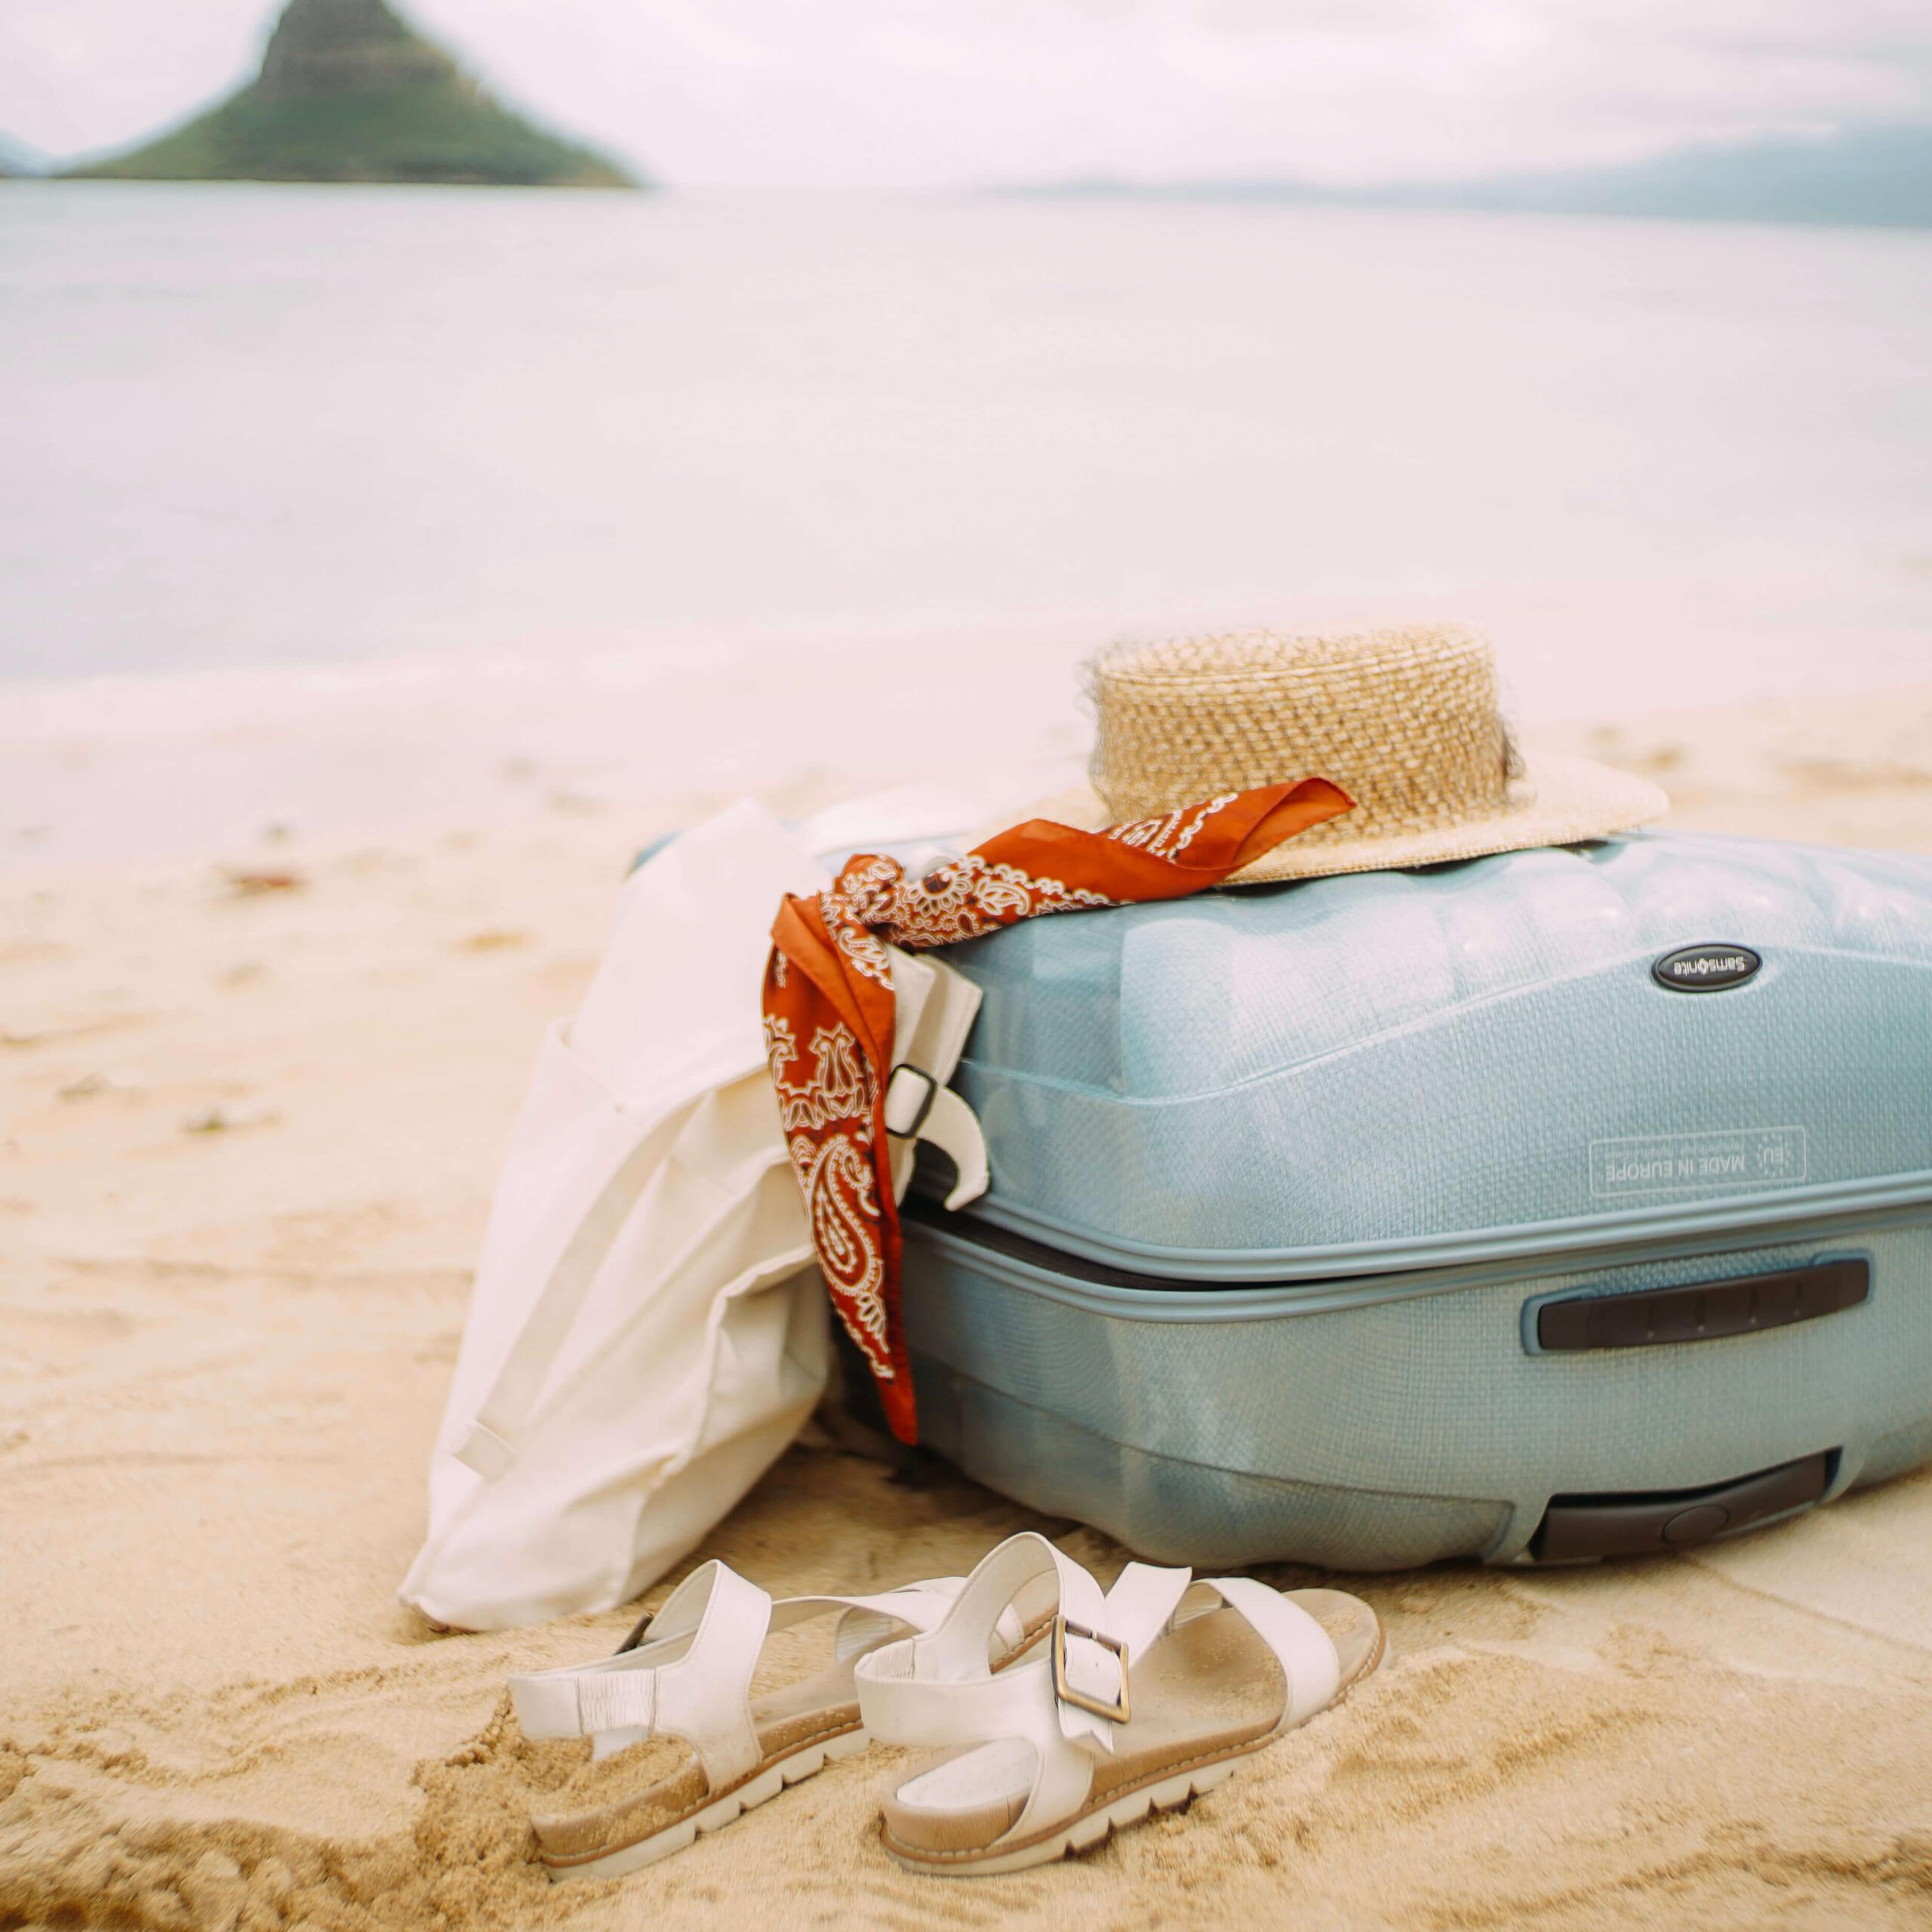 砂浜にある淡いブルーのスーツケース